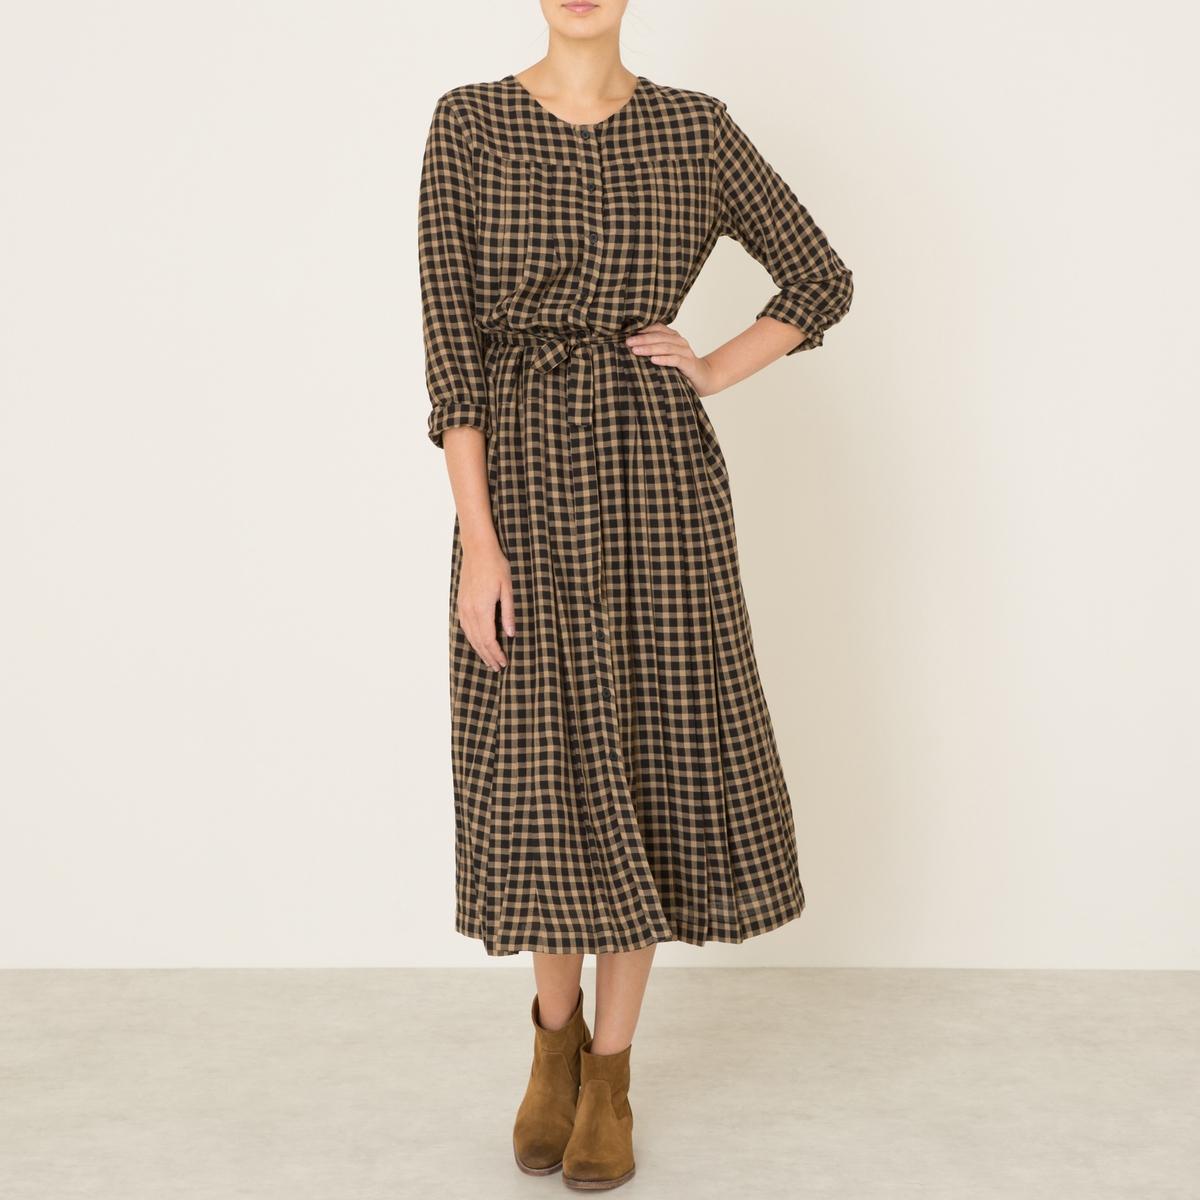 Платье длинное LOTUSСостав и описание Материал : 70% хлопка, 30% шерстиМарка : LAURENCE BRAS<br><br>Цвет: черный/ бежевый<br>Размер: XS.M